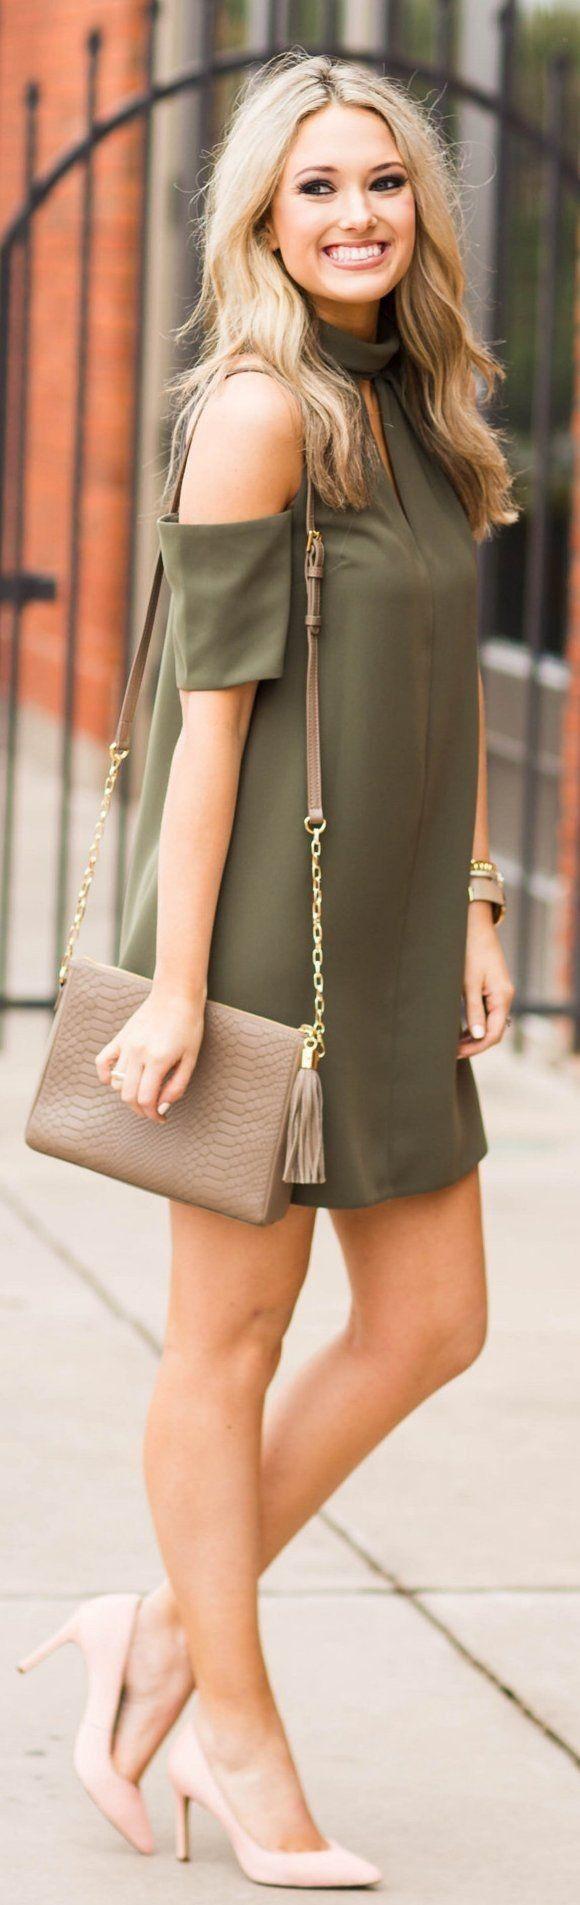 Olive Open Shoulder Dress / Light Pink Pumps / Grey Shoulder Bag... - Street Fashion